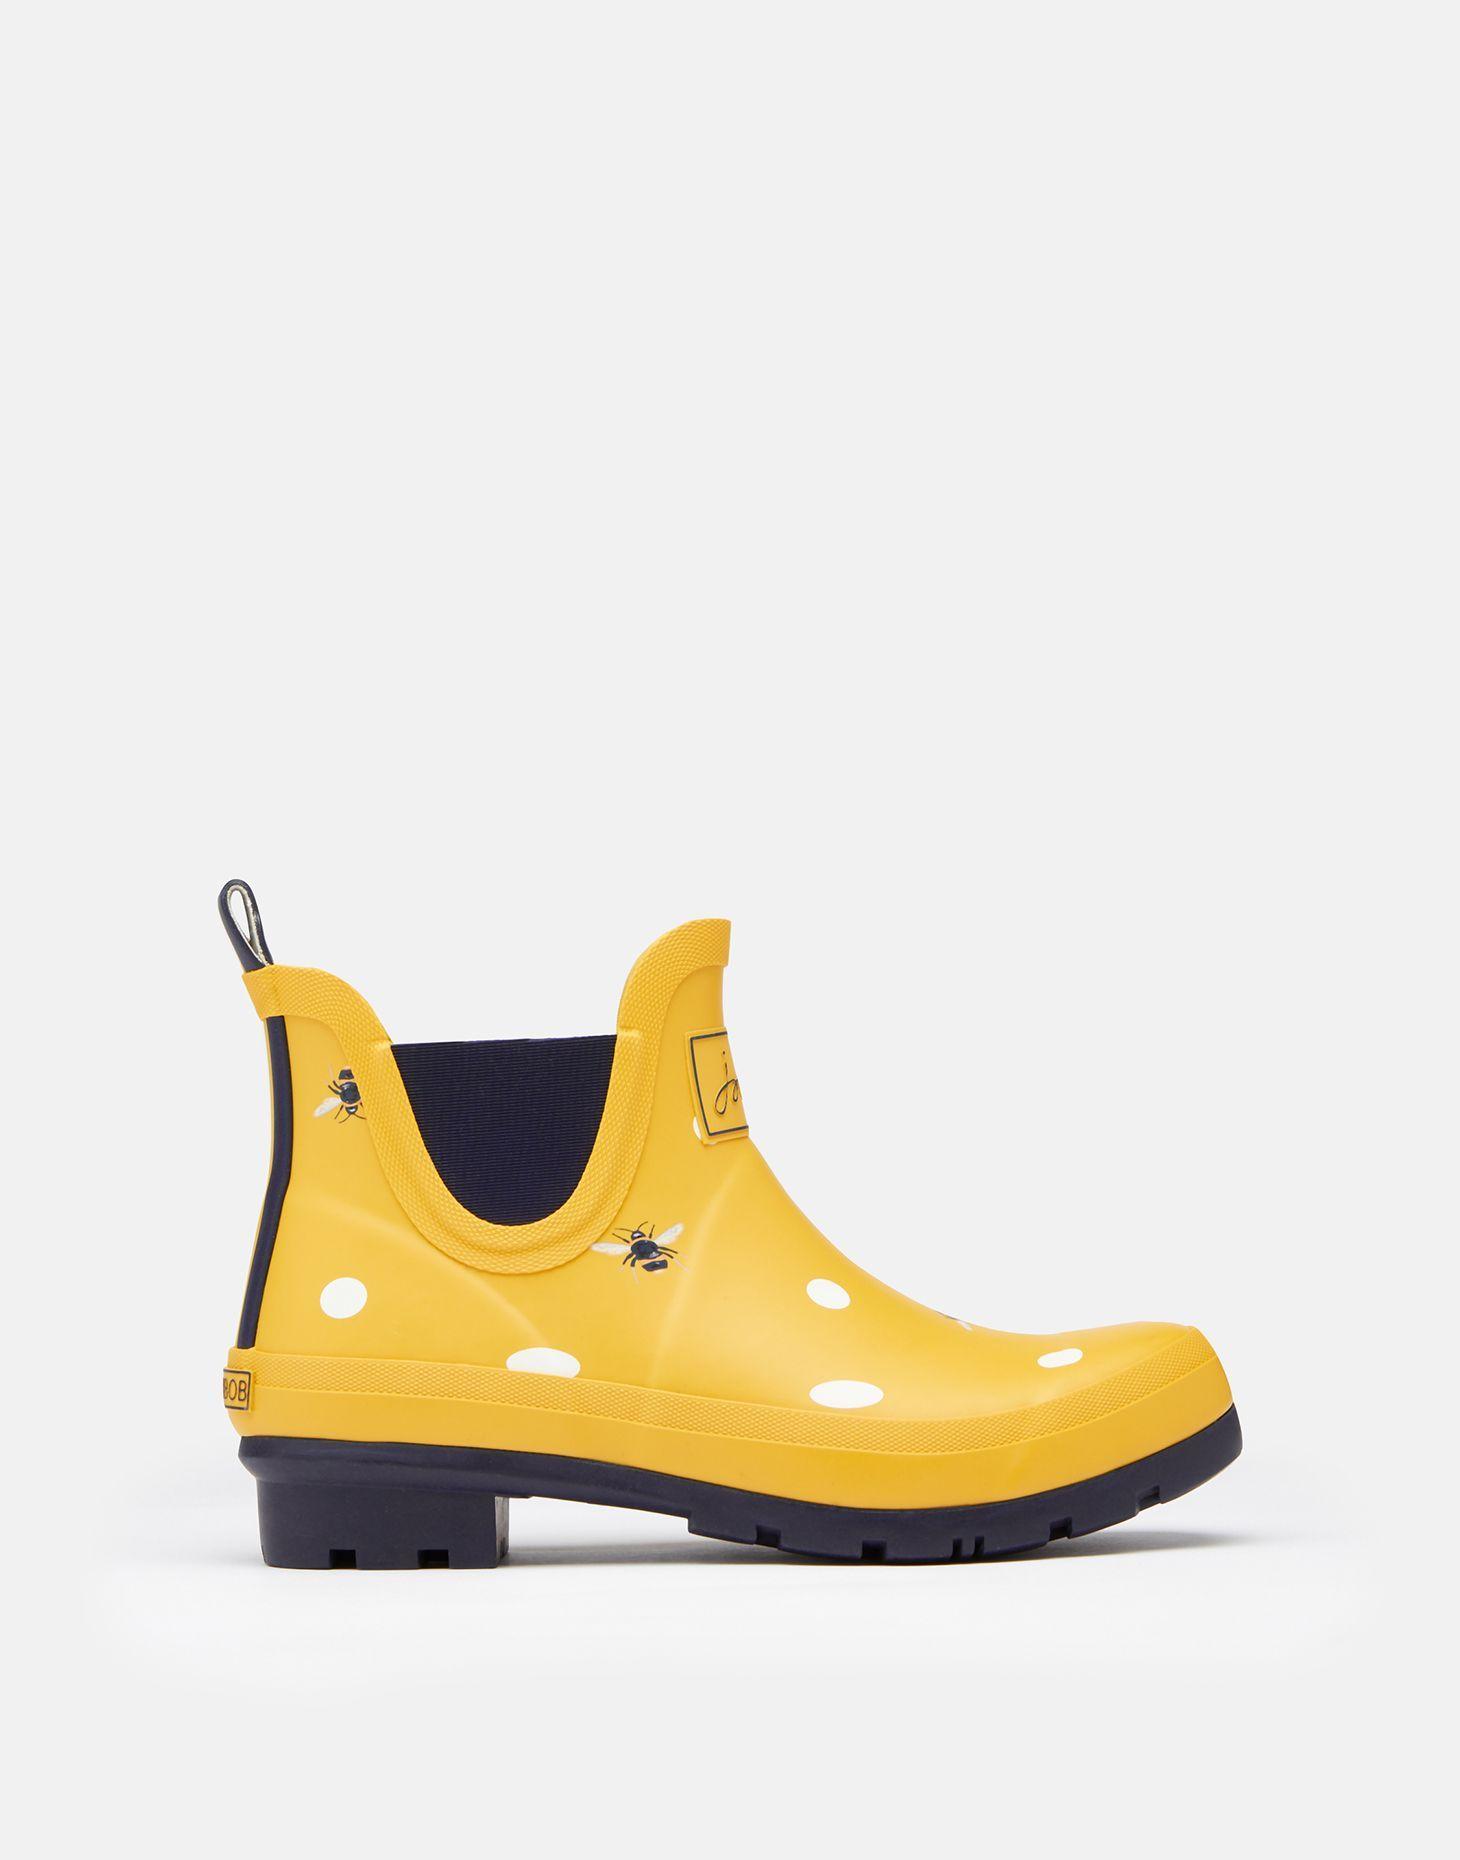 joules shoes sale